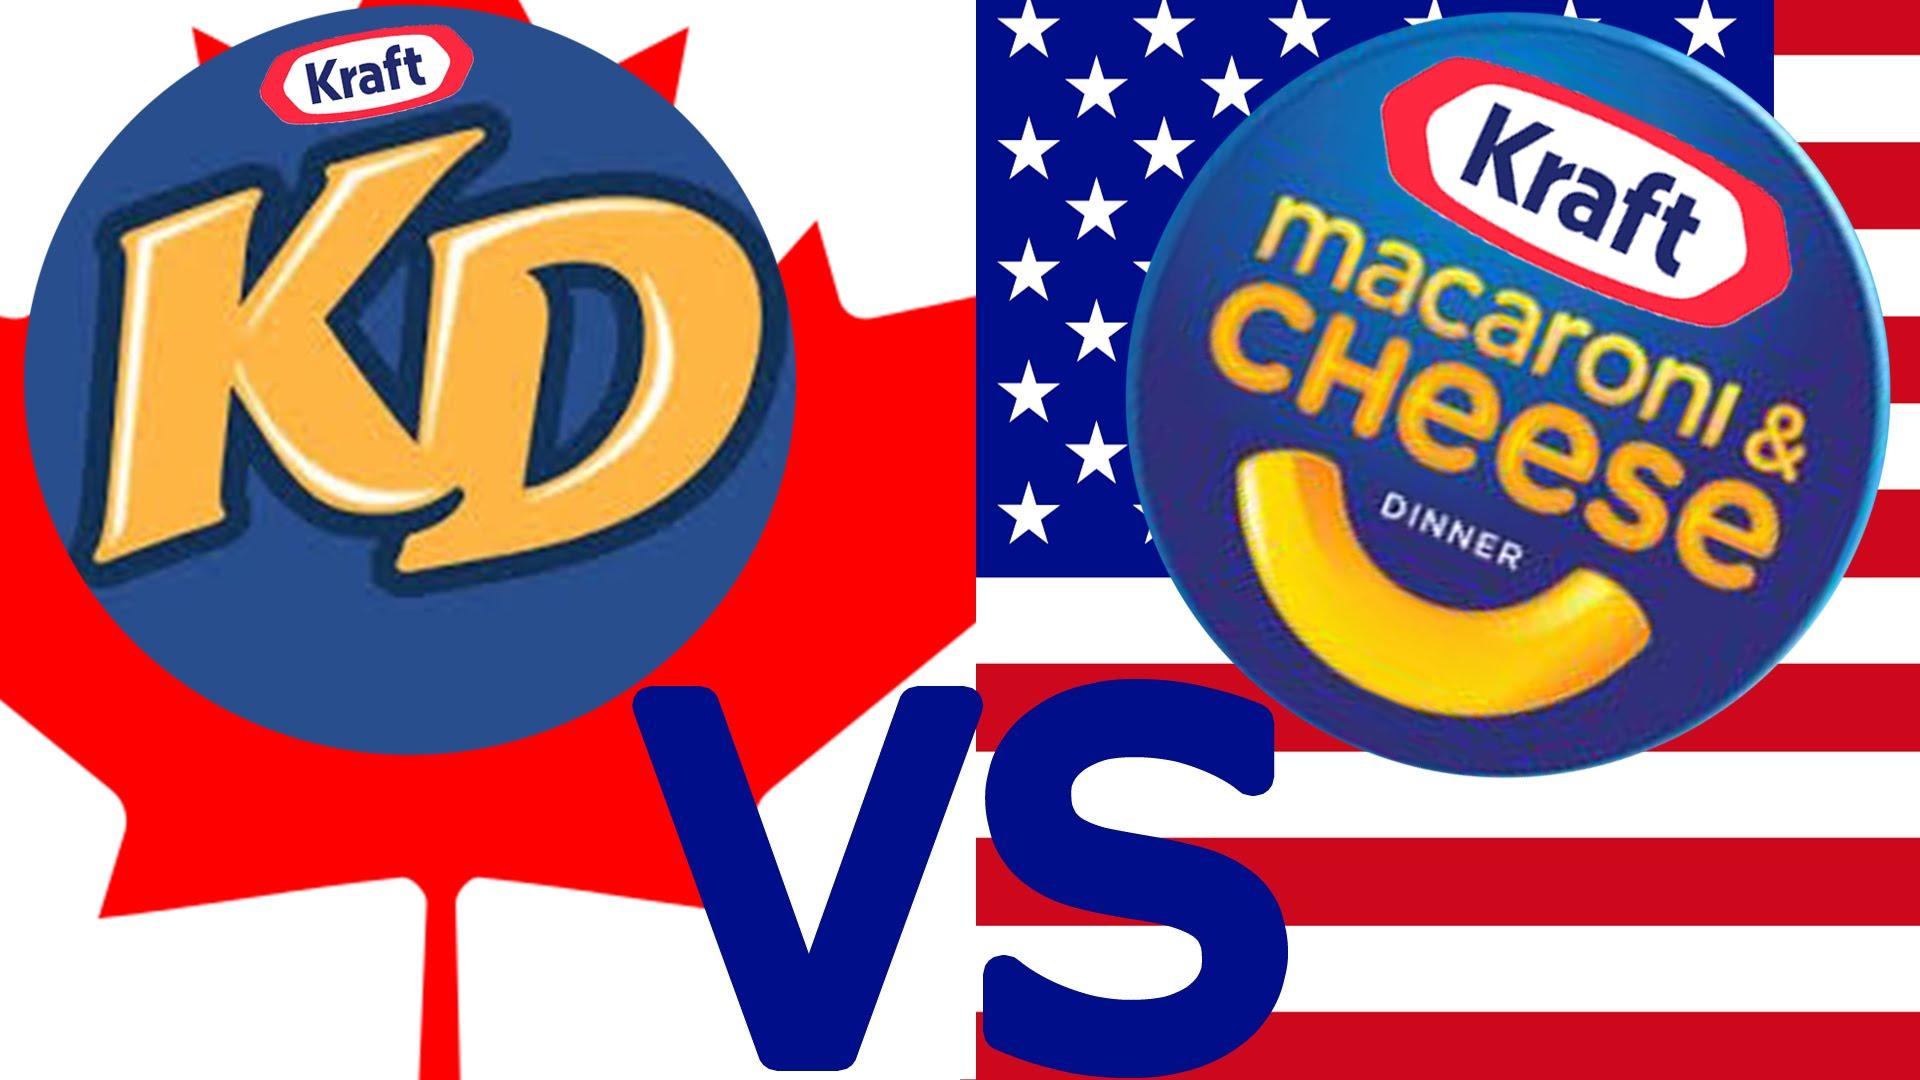 Kraft-dinner-popular-in-canada